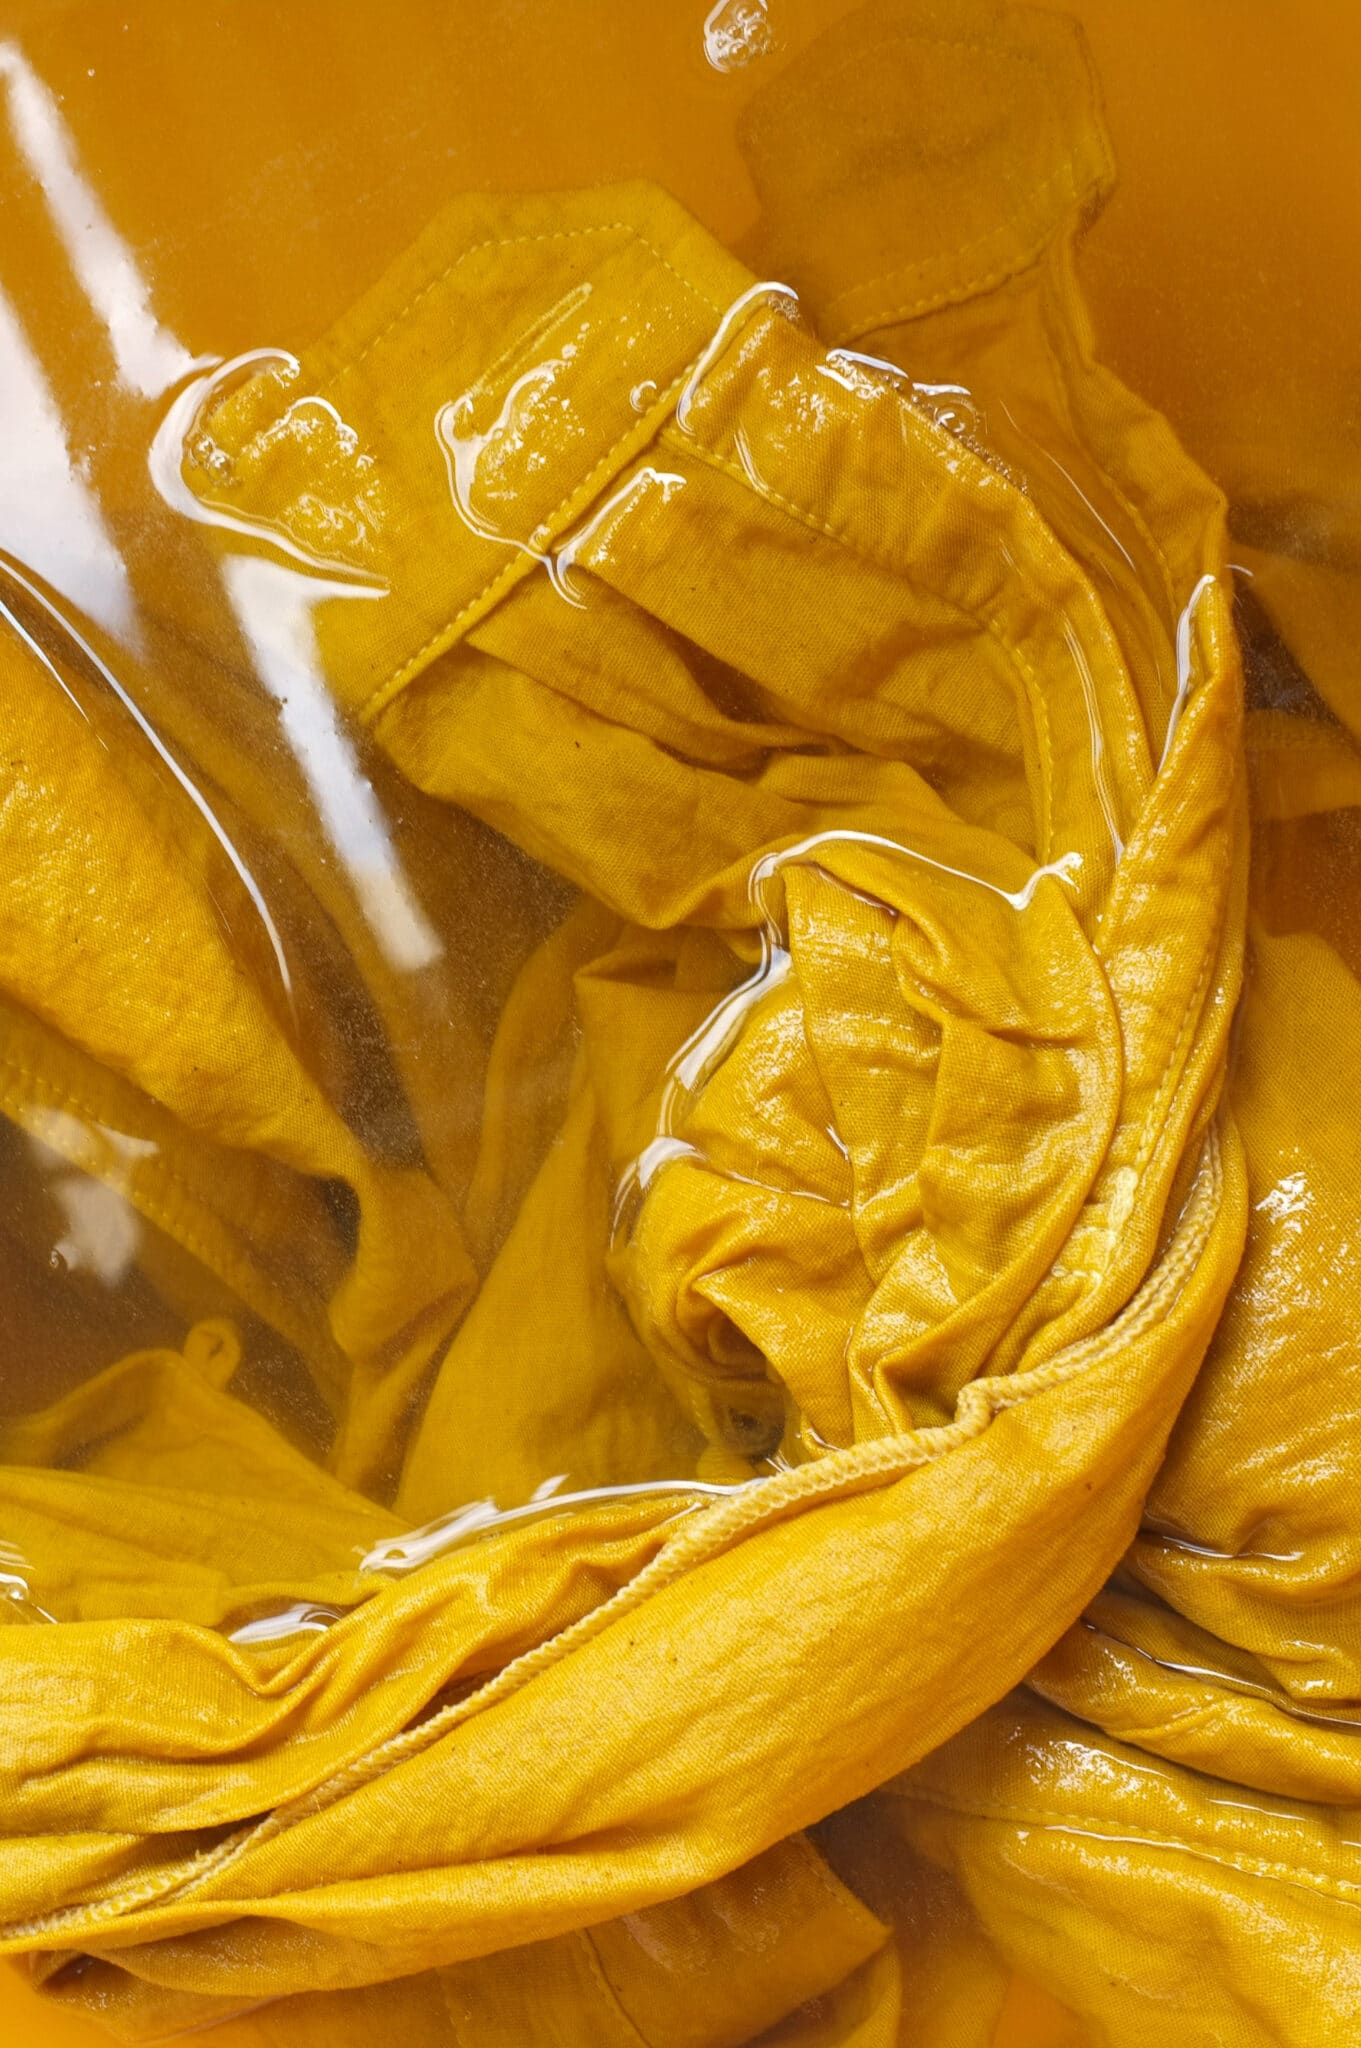 Yellow fabric soaking in a dye bath.